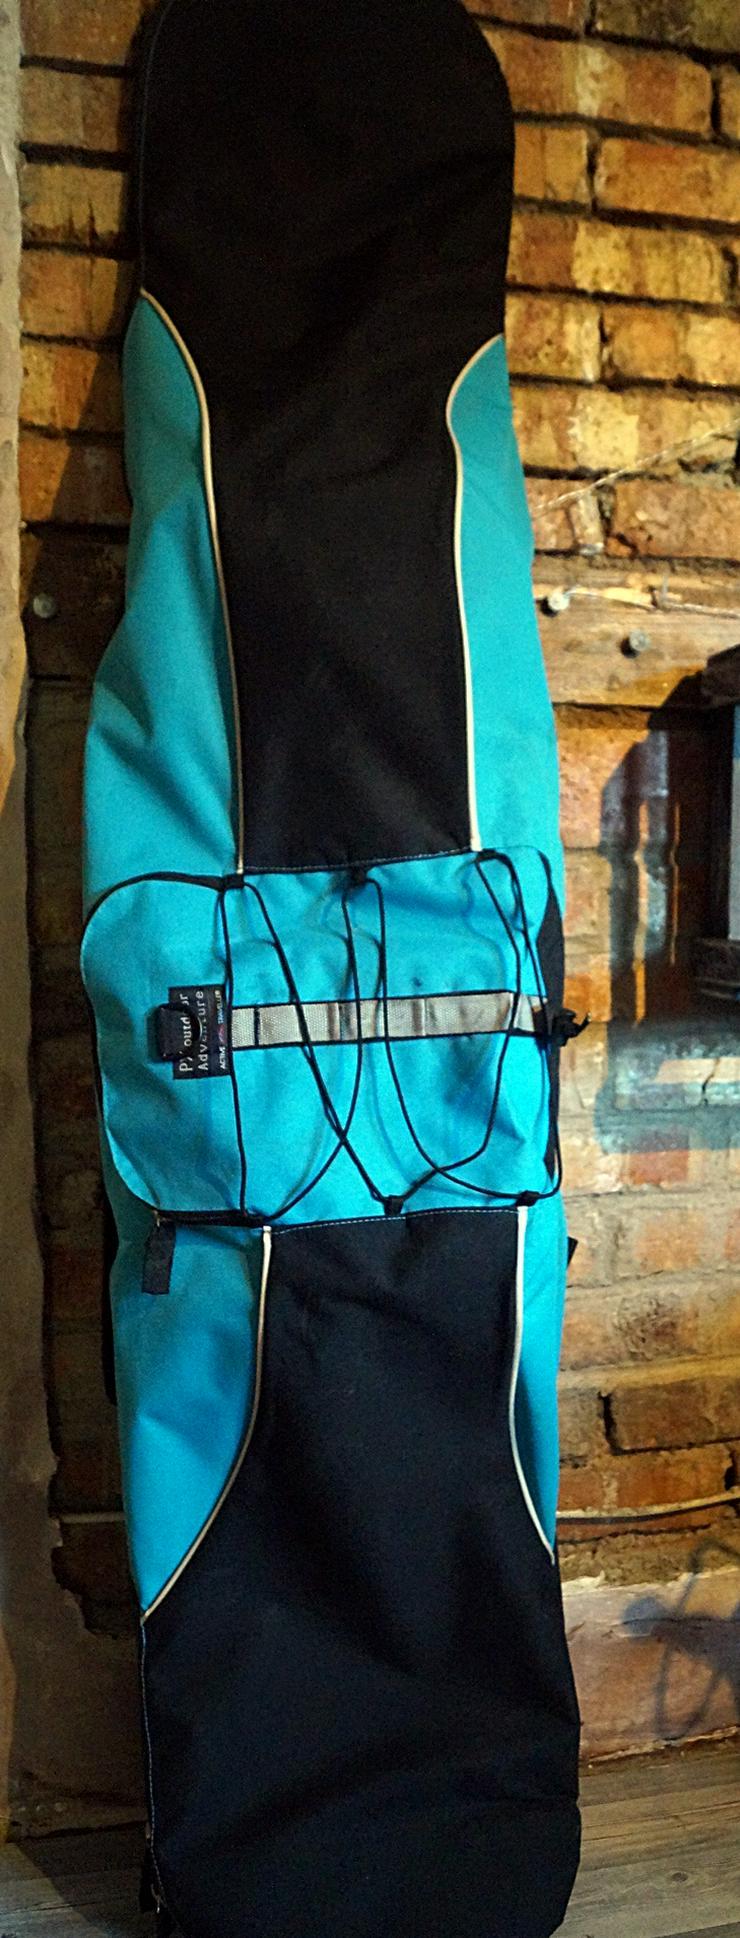 Bild 5: Snowboard mit Bindung und Tasche